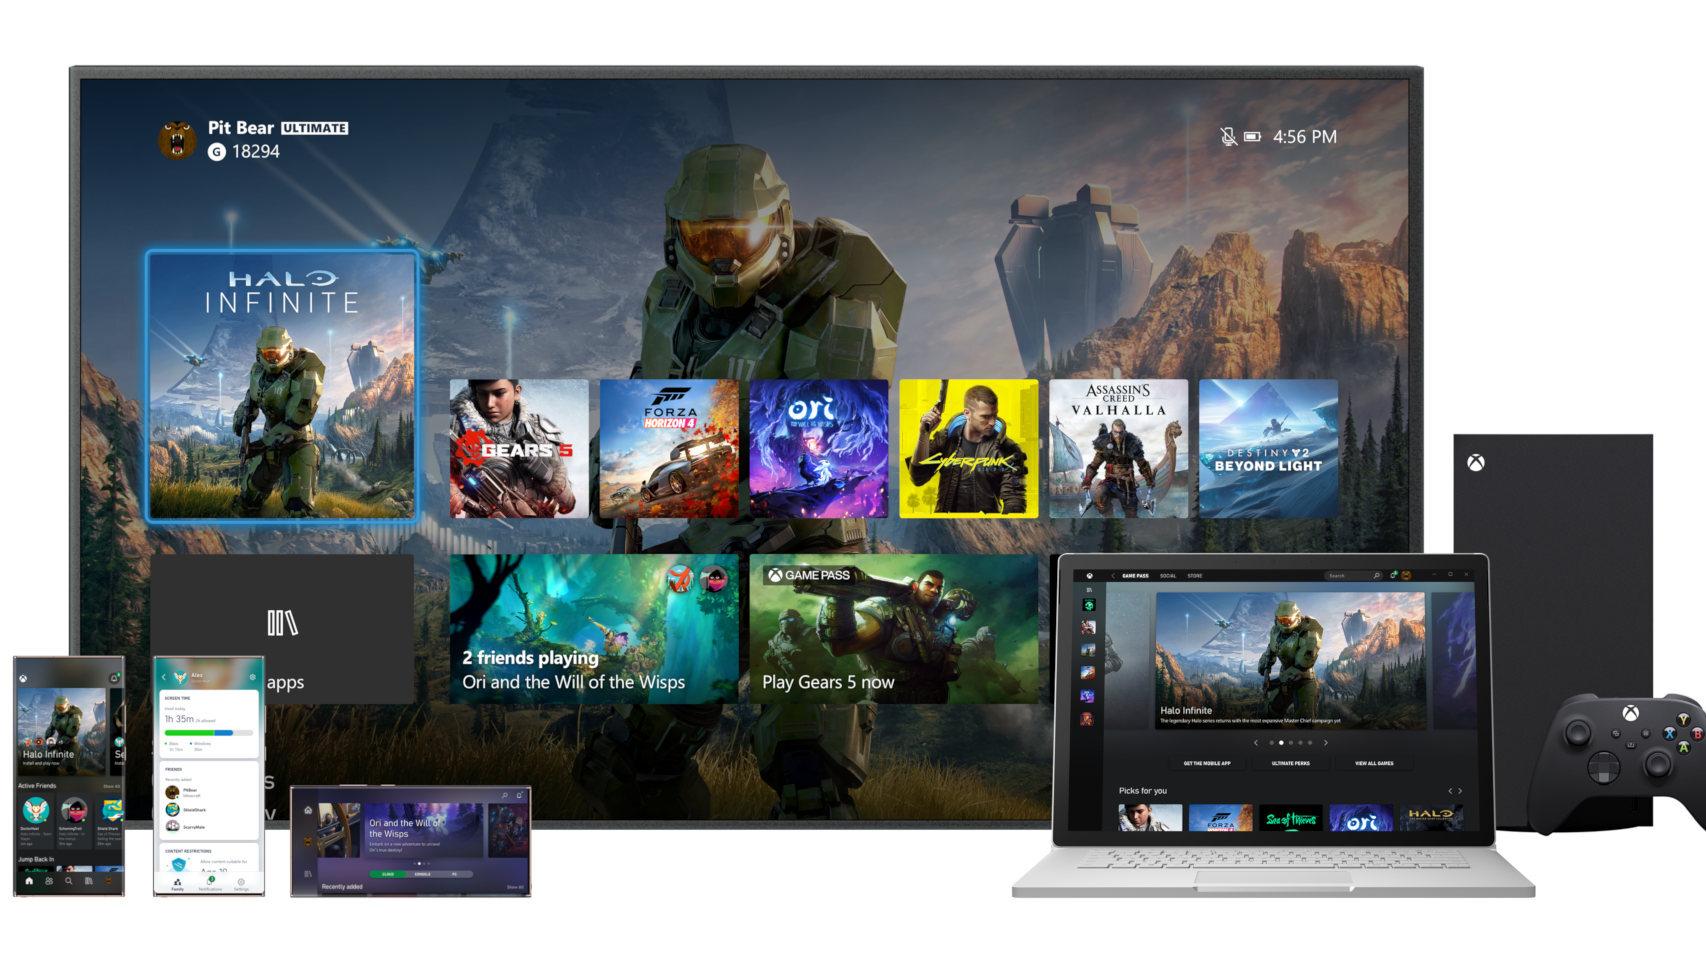 Revelan la lista con 30 videojuegos optimizados para cuando lleguen a Xbox Series X y S